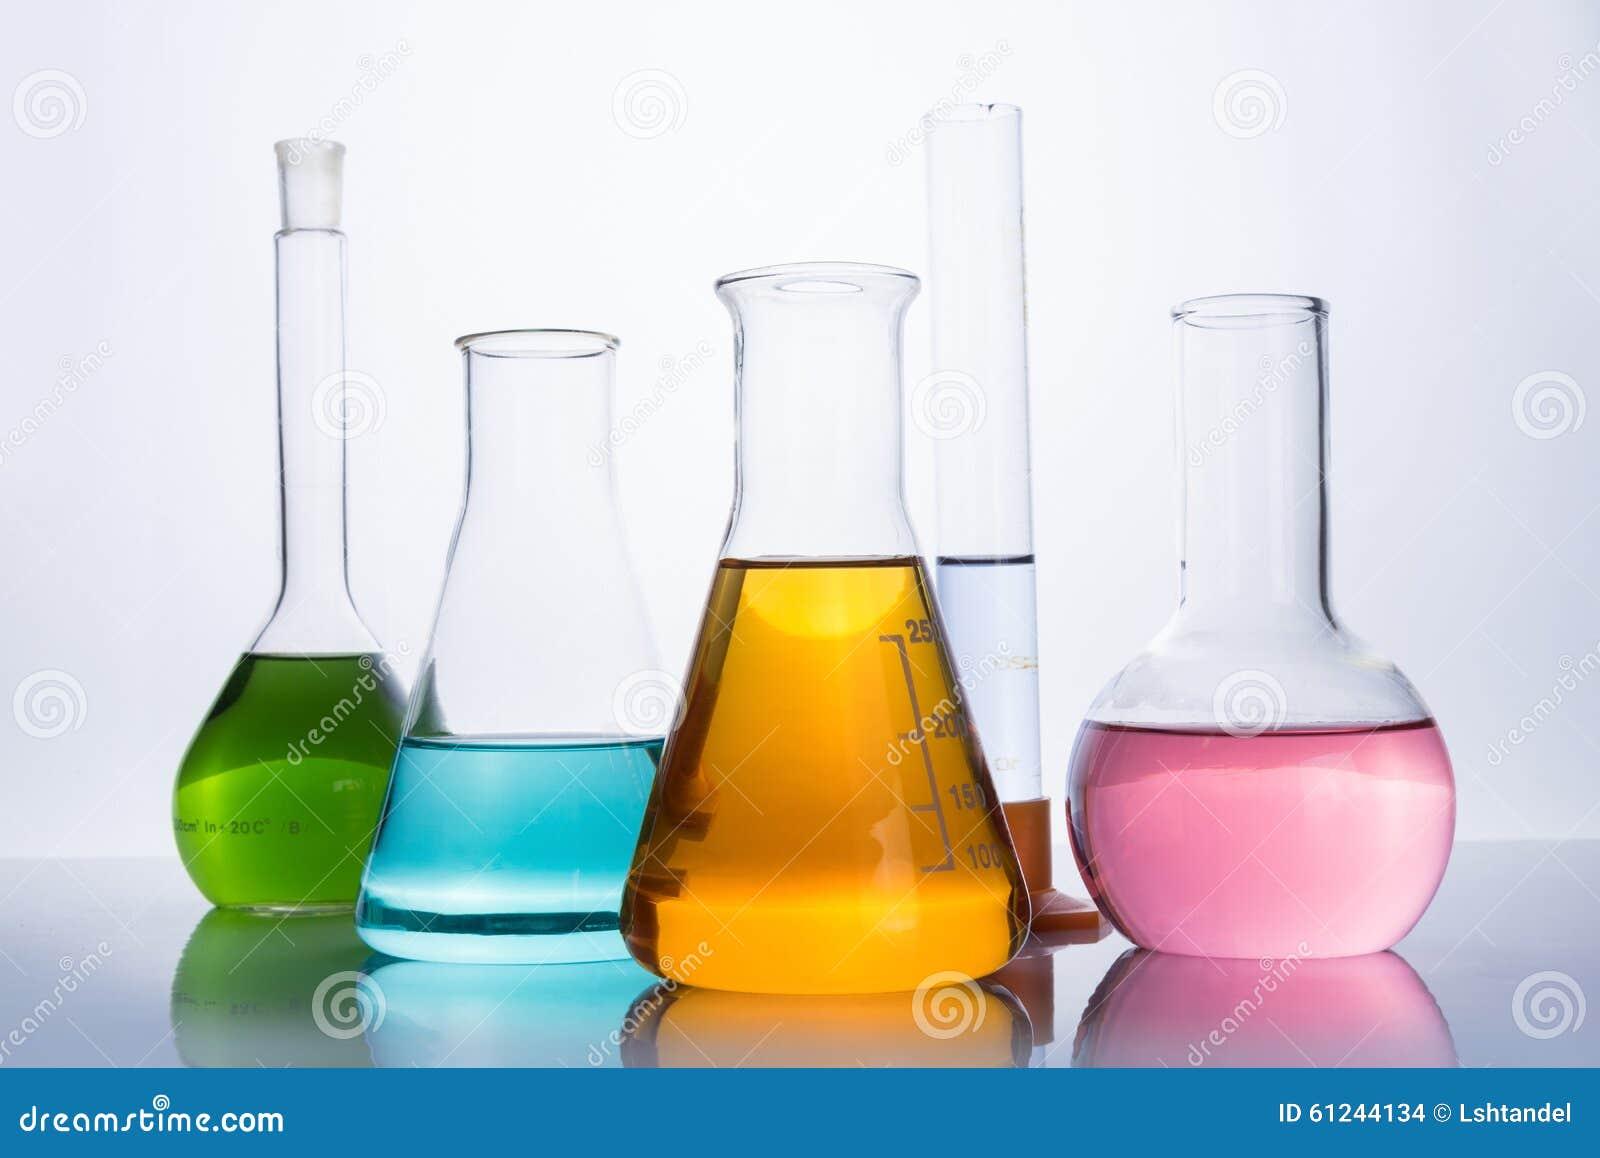 Лабораторное оборудование, склянки и пробирка химии Стоковое Фото -  изображение насчитывающей оборудование, пробирка: 61244134